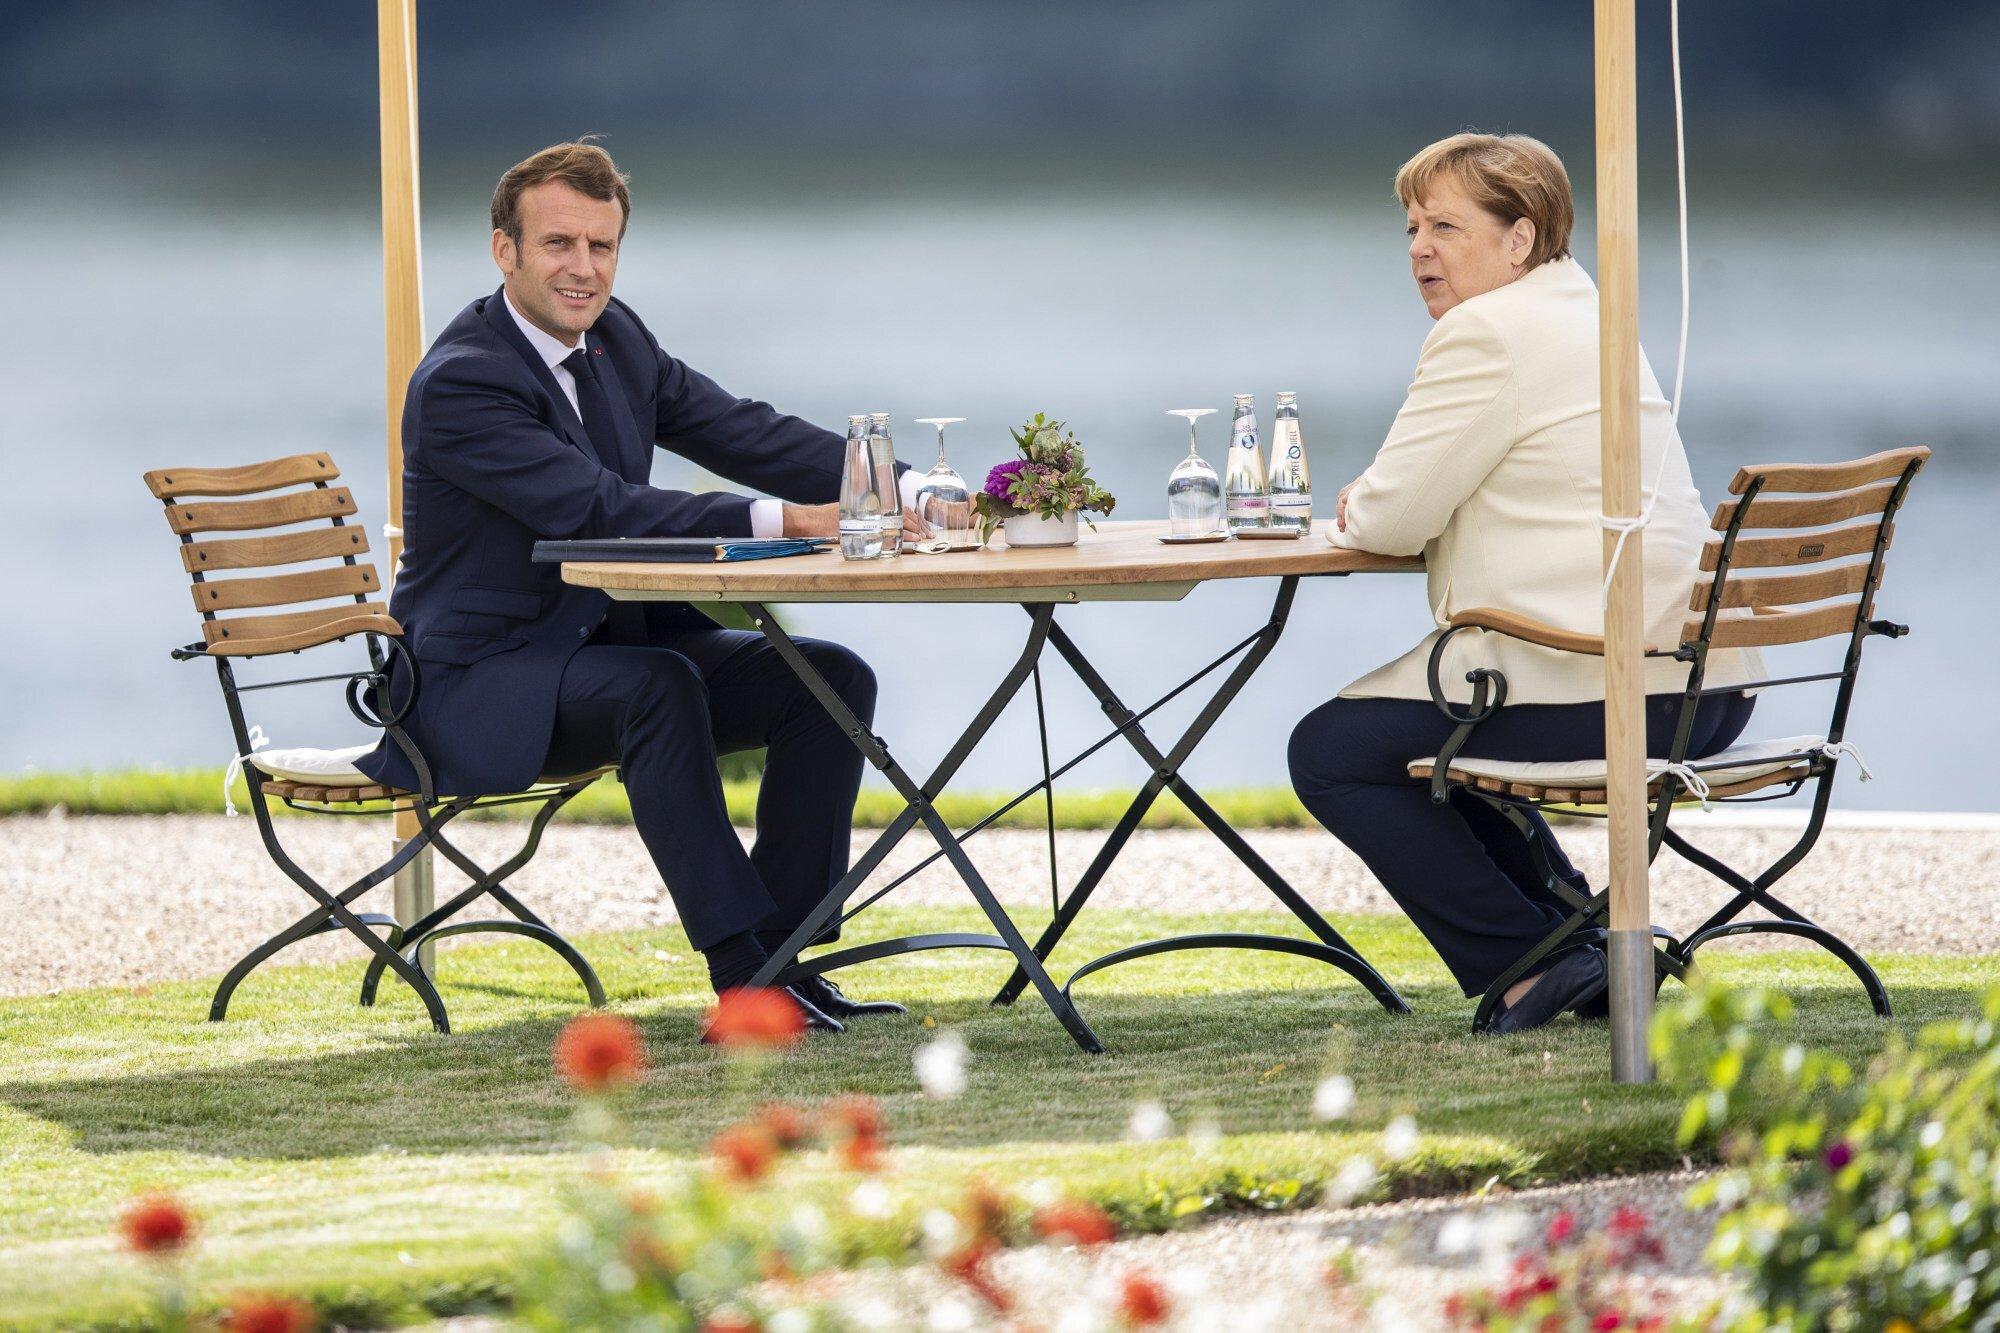 Vào thời điểm cao điểm của đại dịch COVID-19 vào tháng 6/2020, bà Merkel đã gây ấn tượng với một bộ trang phục đơn sắc - áo khoác trắng kết hợp với quần lọt khe màu đen - khi gặp Tổng thống Pháp Emmanuel Macron tại Đức.